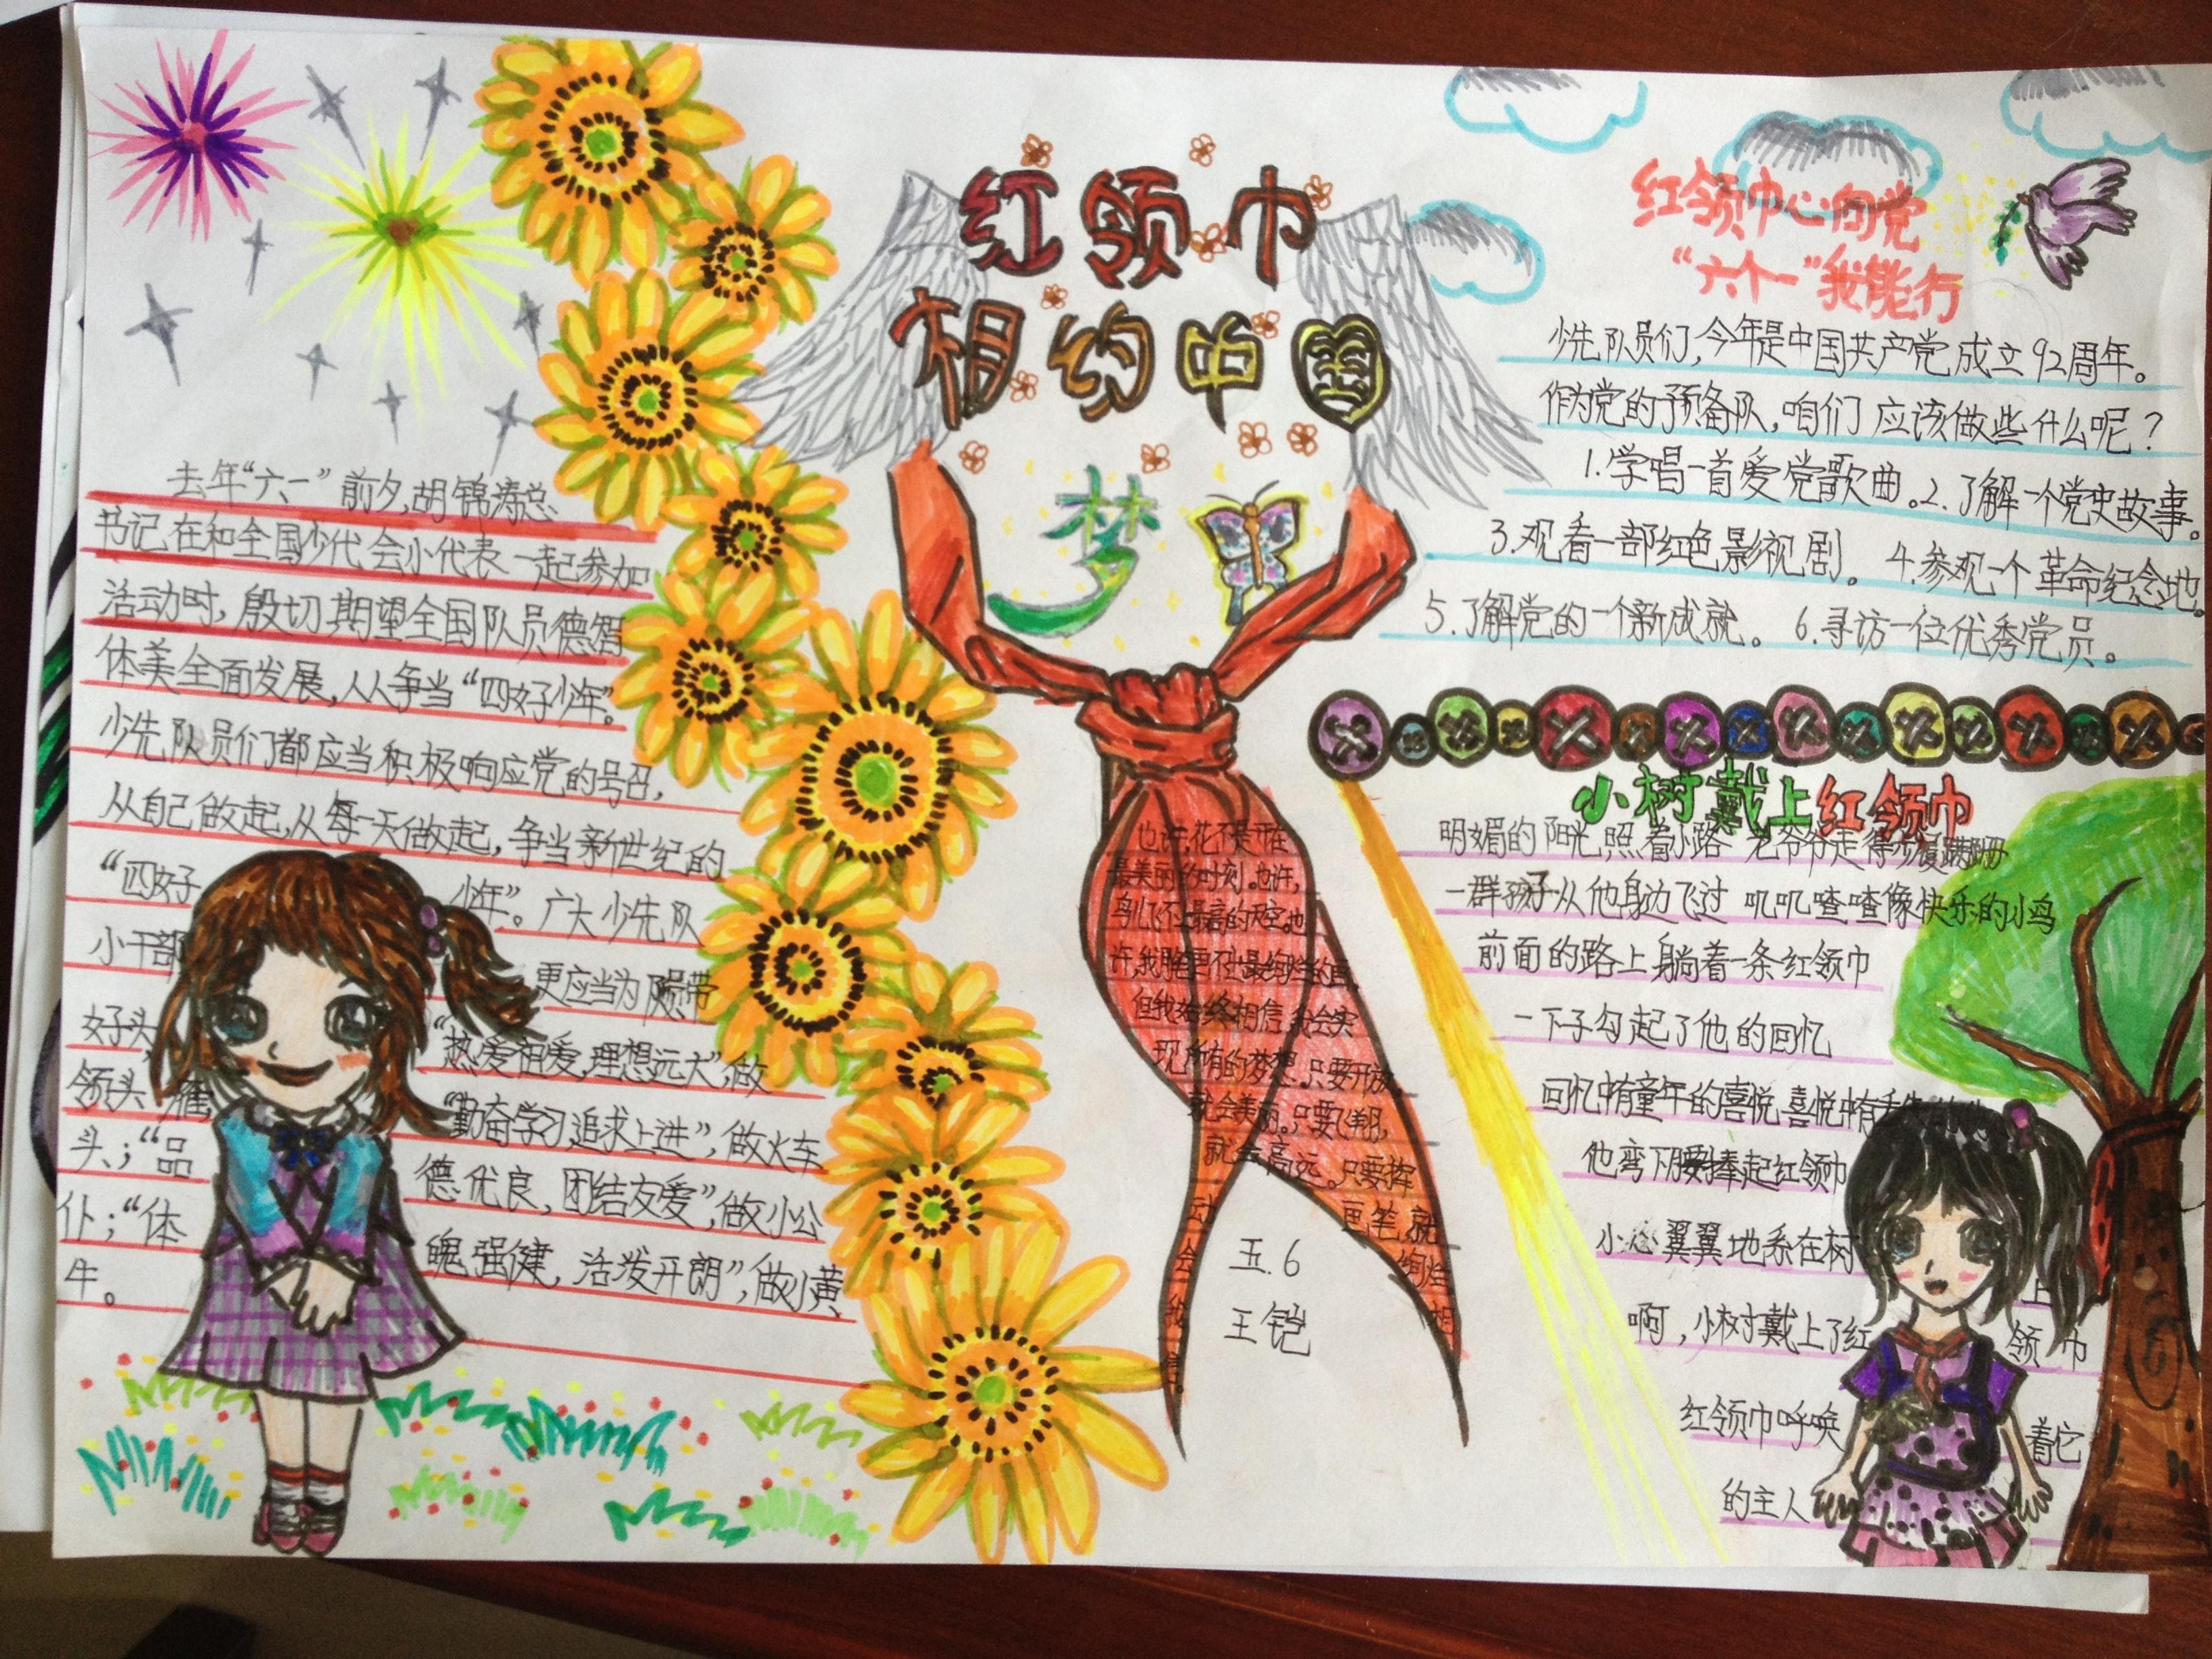 手抄报 - 红领巾相约中国梦动态上传 - 活动 - 未来网